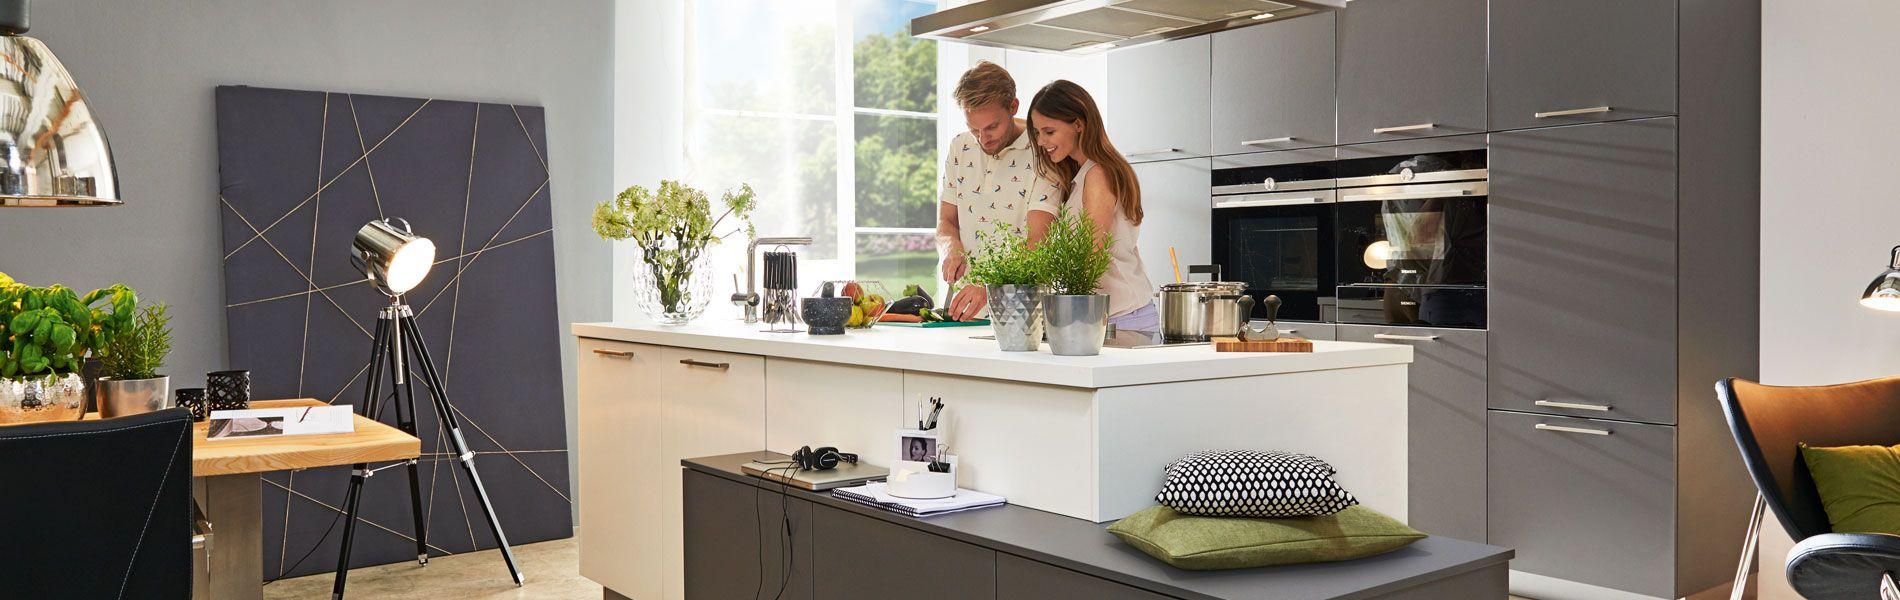 höffner küche | jtleigh.com - hausgestaltung ideen - Küche Höffner Erfahrung